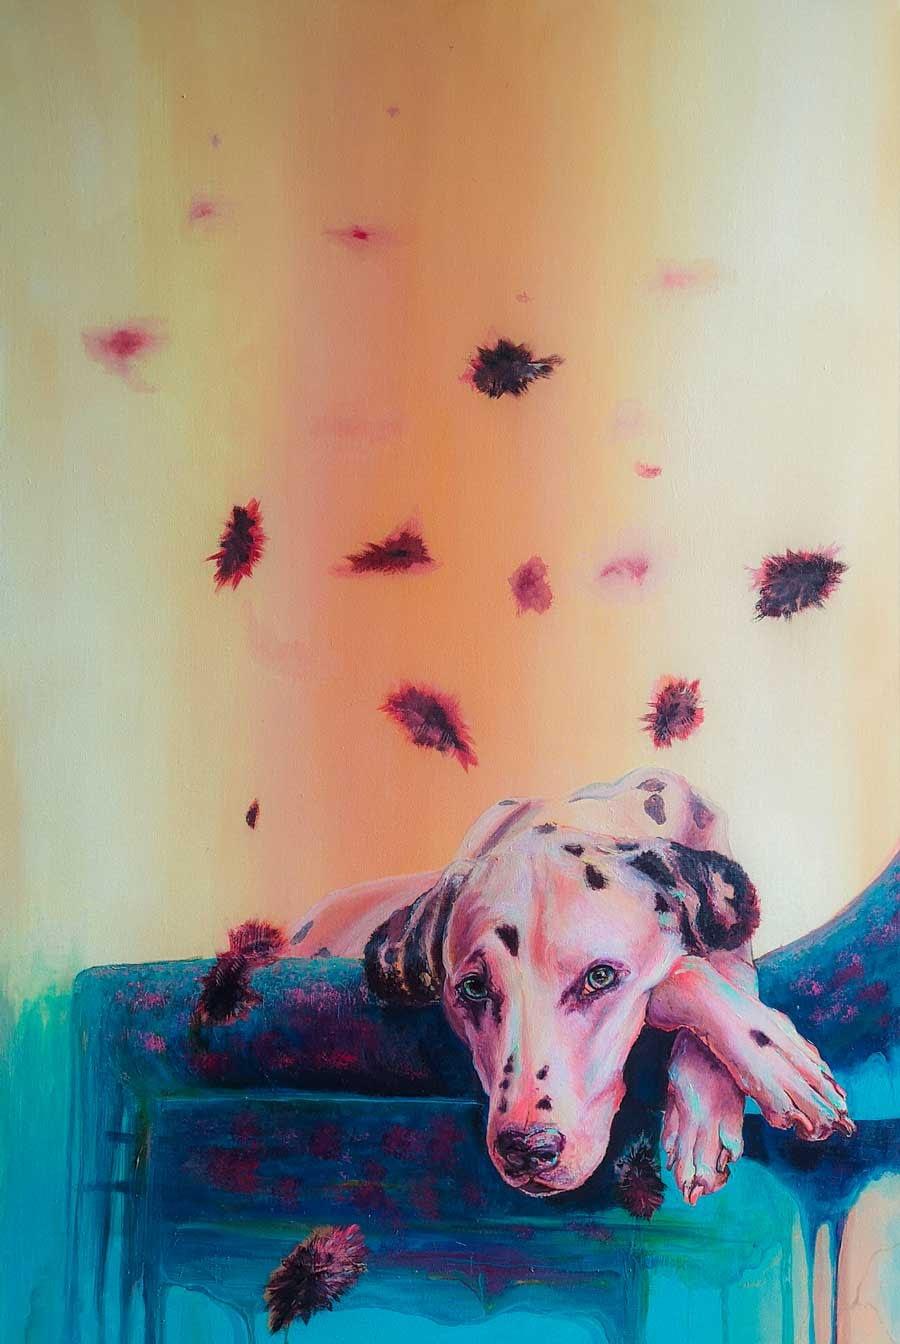 Hommage á Istvan - Acrylgemälde Ute Bescht 2021 - 80x110 , Hund, Couch, Pink, Ute Bescht - old friends book ends Acrylwerk auf Holz- Bremen Kunst